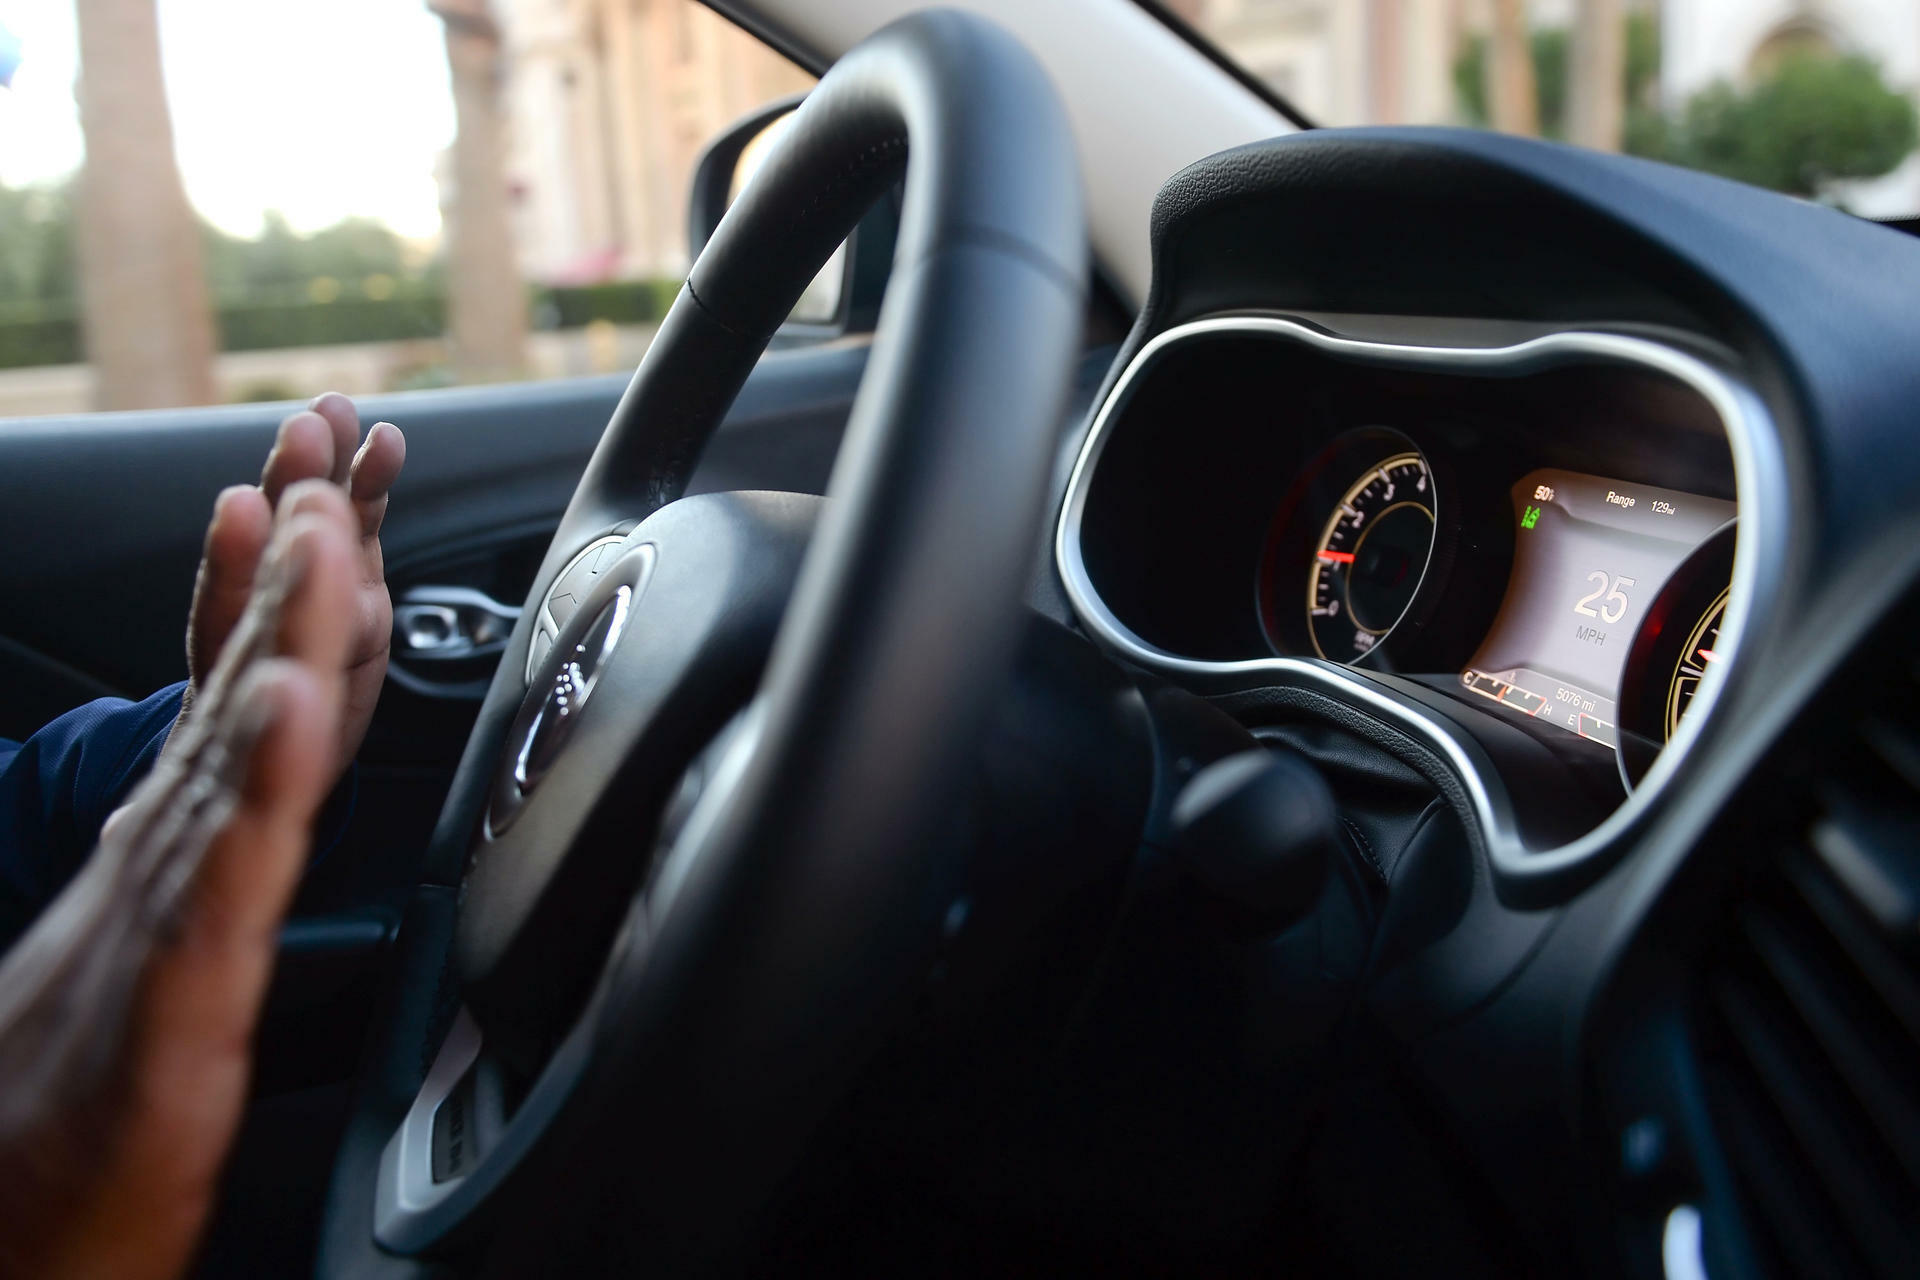 Sicherheitsrisiko vernetztes Auto: Einladung für Kriminelle